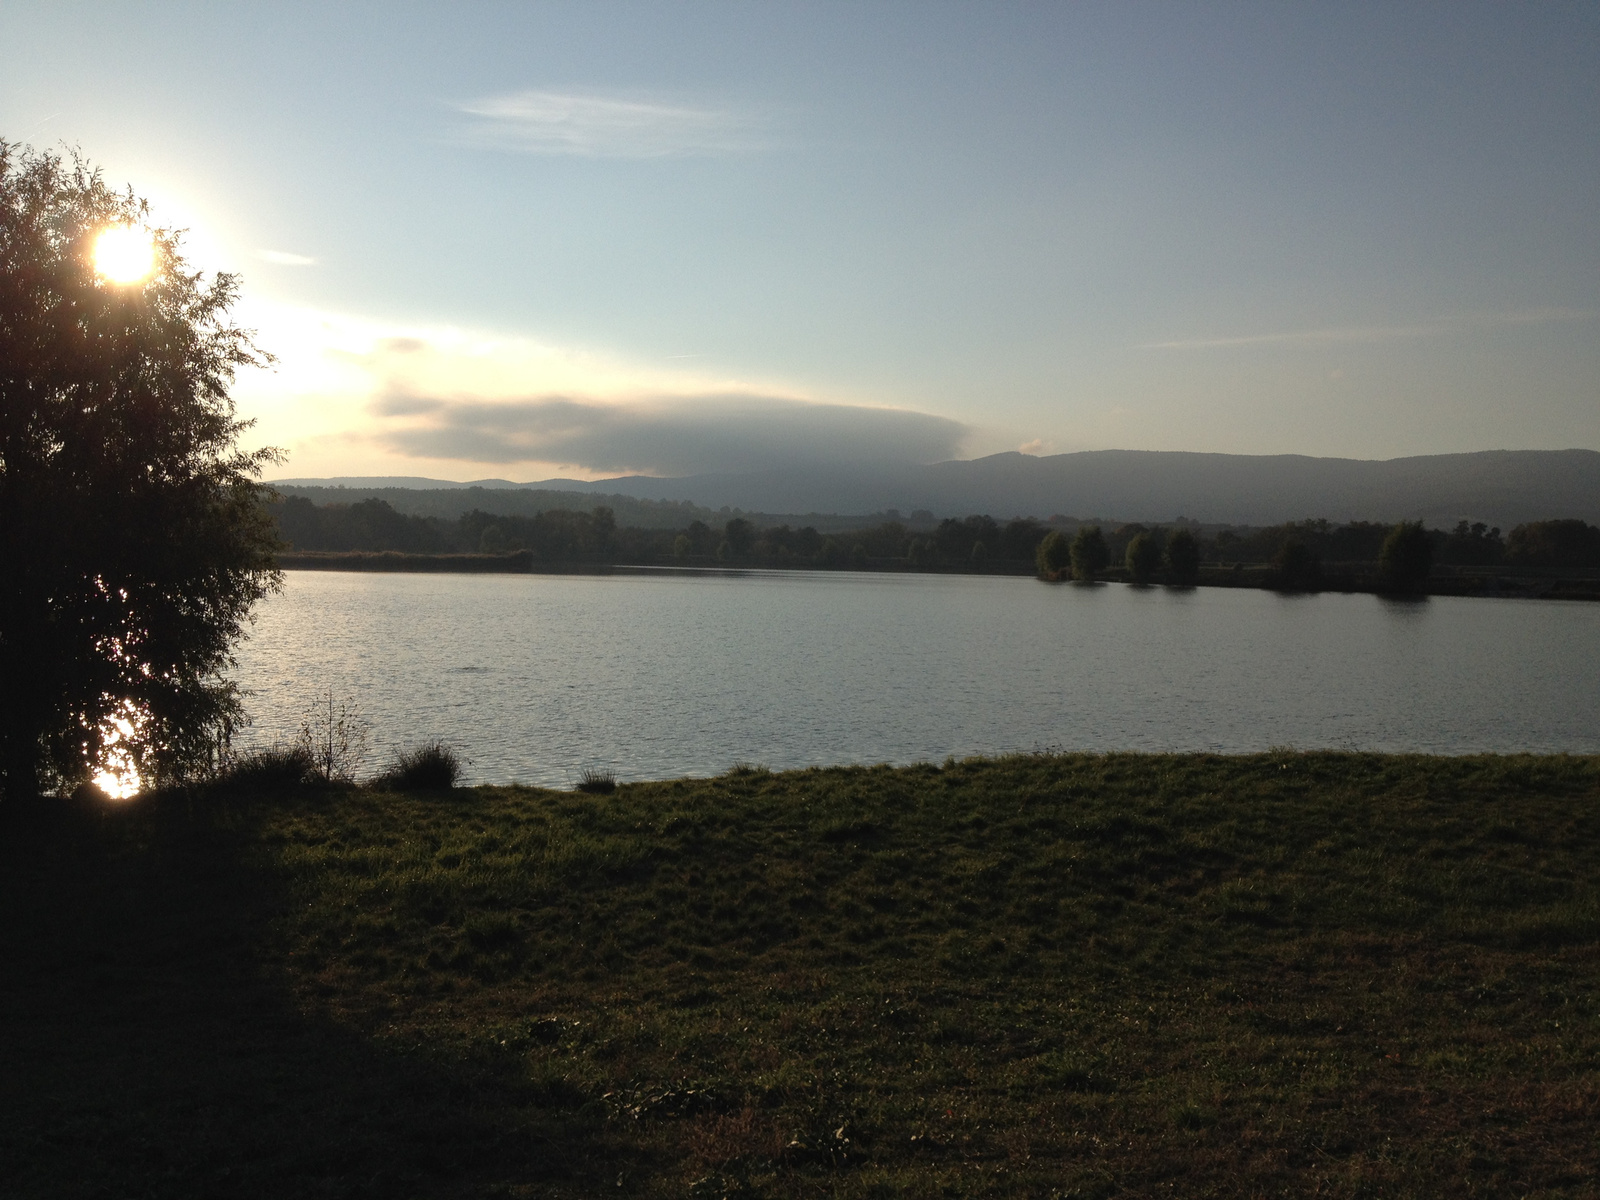 IMG 0151 Abért-tó Kőszegfalvánál, oszló felhővel a hegytetőn